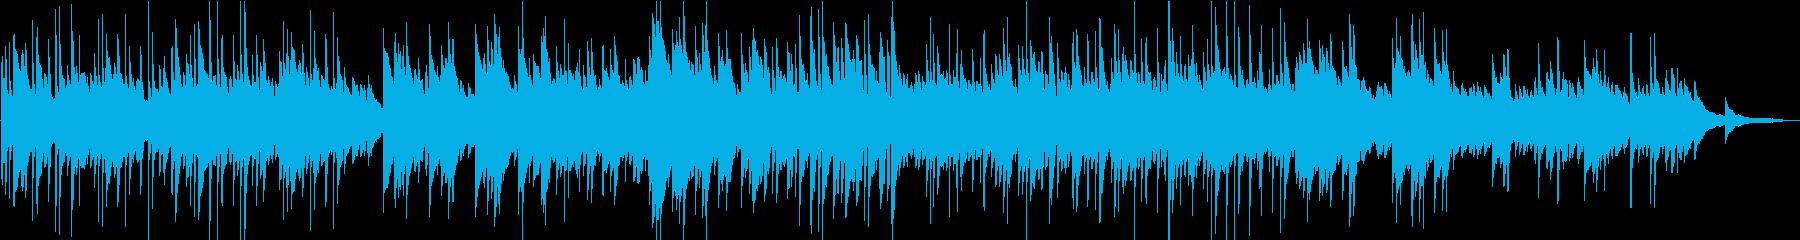 桜の咲く季節に聴きたい切ないピアノBGMの再生済みの波形